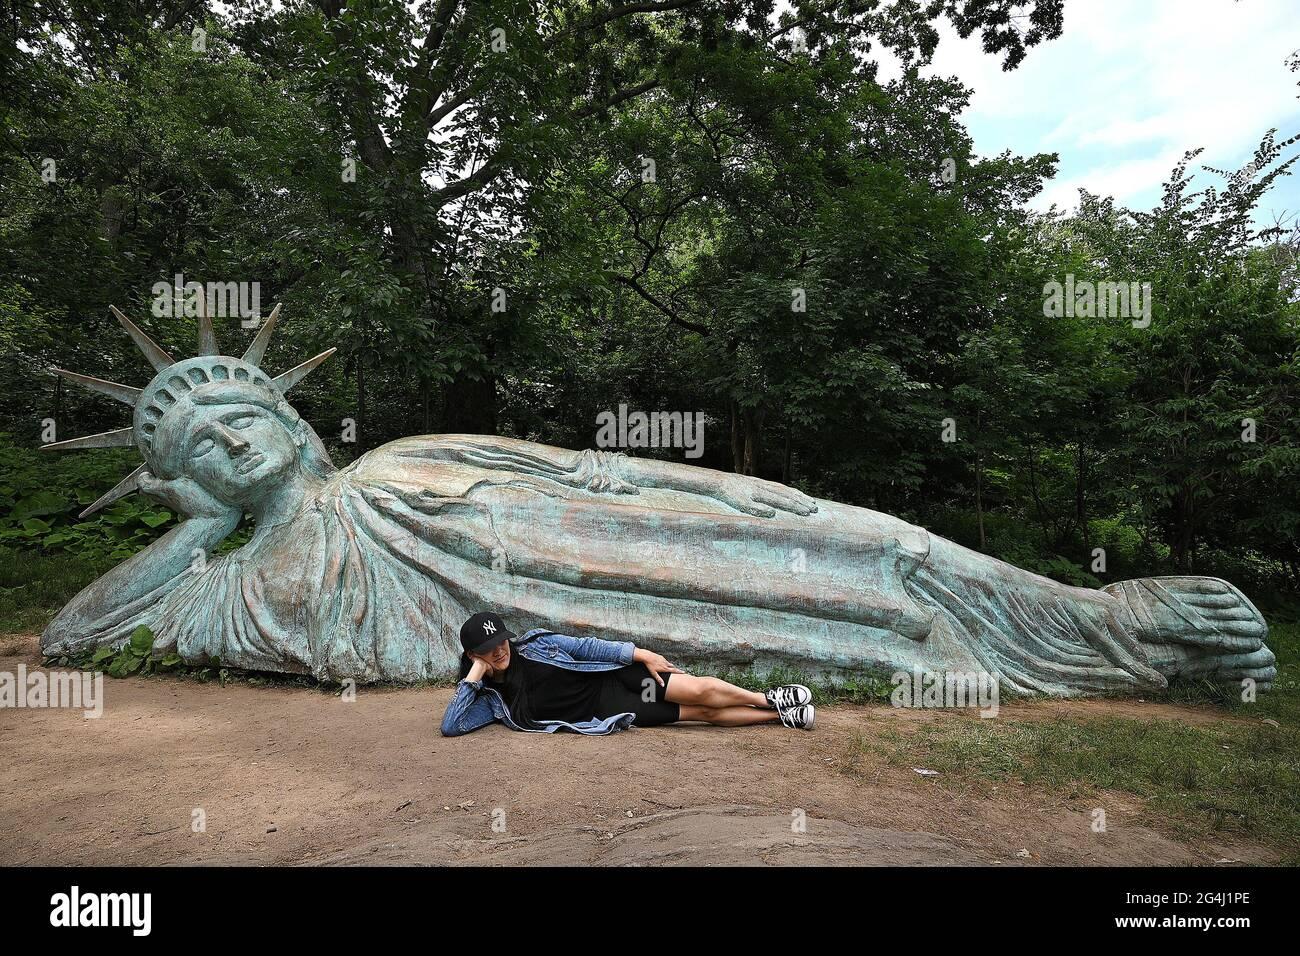 """New York, Stati Uniti. 21 Giugno 2021. Iveth Manjarrez adotta la stessa posa di """"Reclining Liberty"""" per una foto di fronte alla replica della Statua della libertà di 25 metri scolpita dall'artista Zaq Landsberg, a Morningside Park, a New York, NY, giugno 21, 2021. (Foto di Anthony Behar/Sipa USA) Credit: Sipa USA/Alamy Live News Foto Stock"""